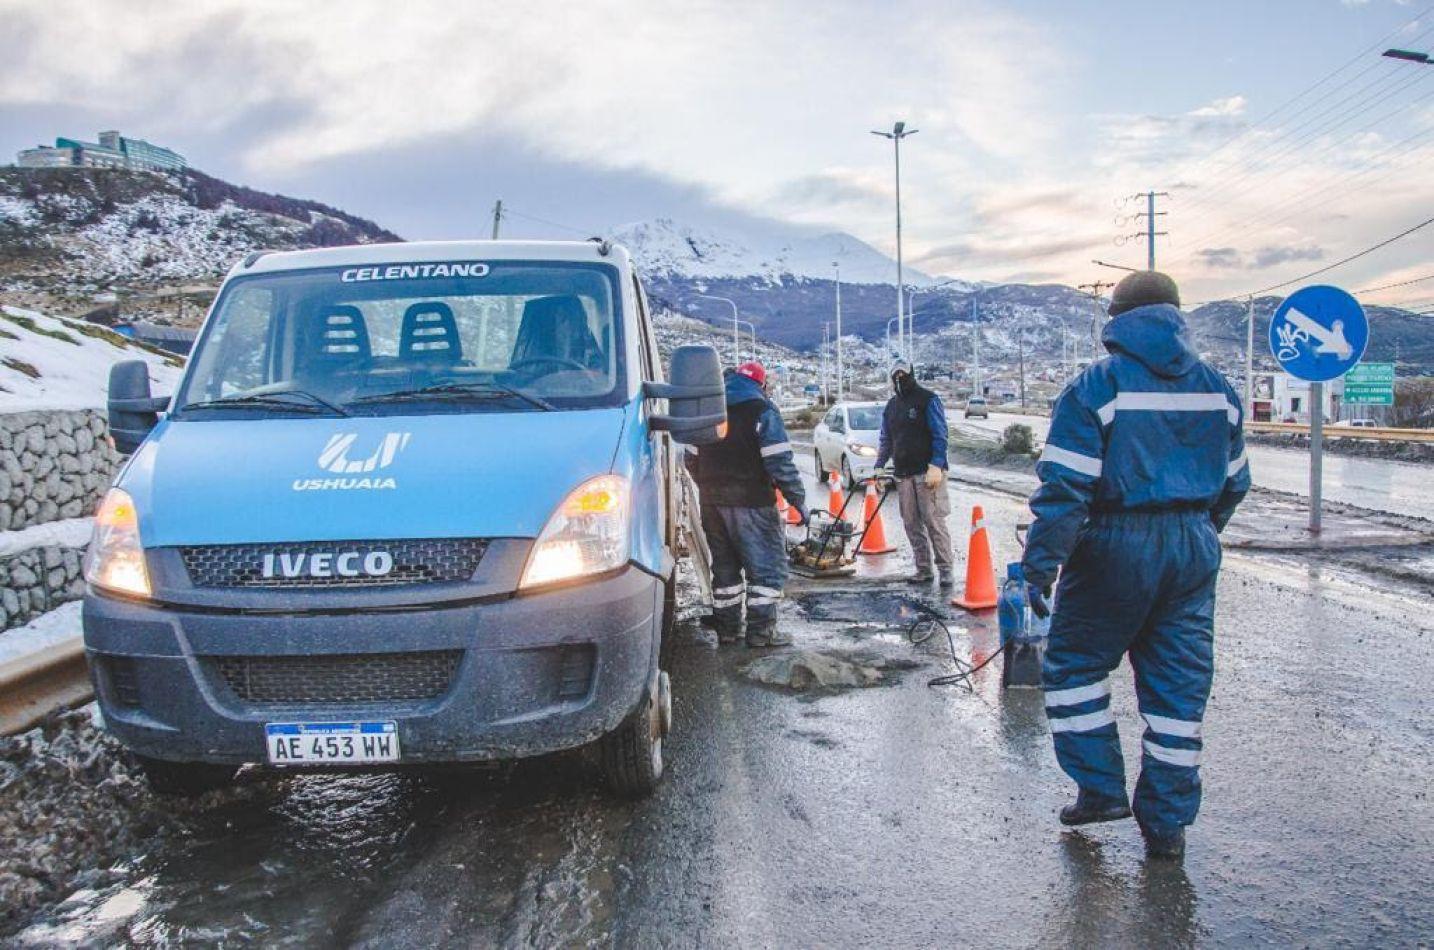 Cuadrillas municipales hicieron reparaciones en la rotonda de Andorra